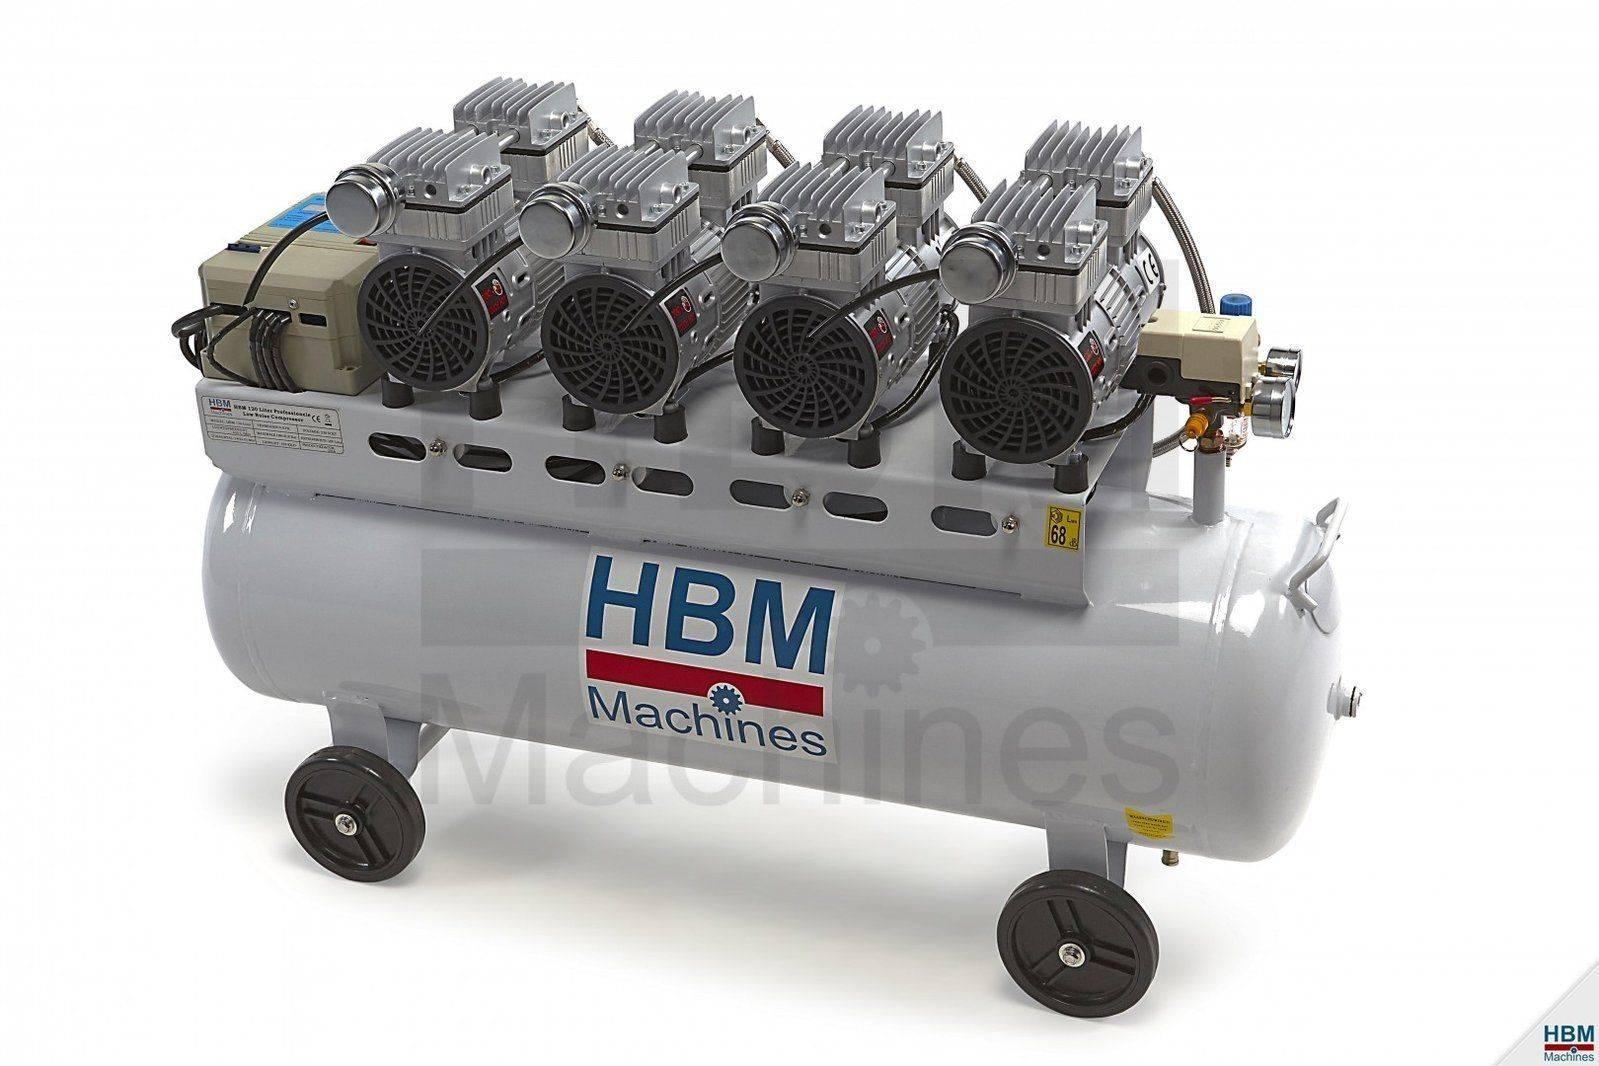 hbm-0030.jpg-1920x1080-aa09c37c8d.jpg